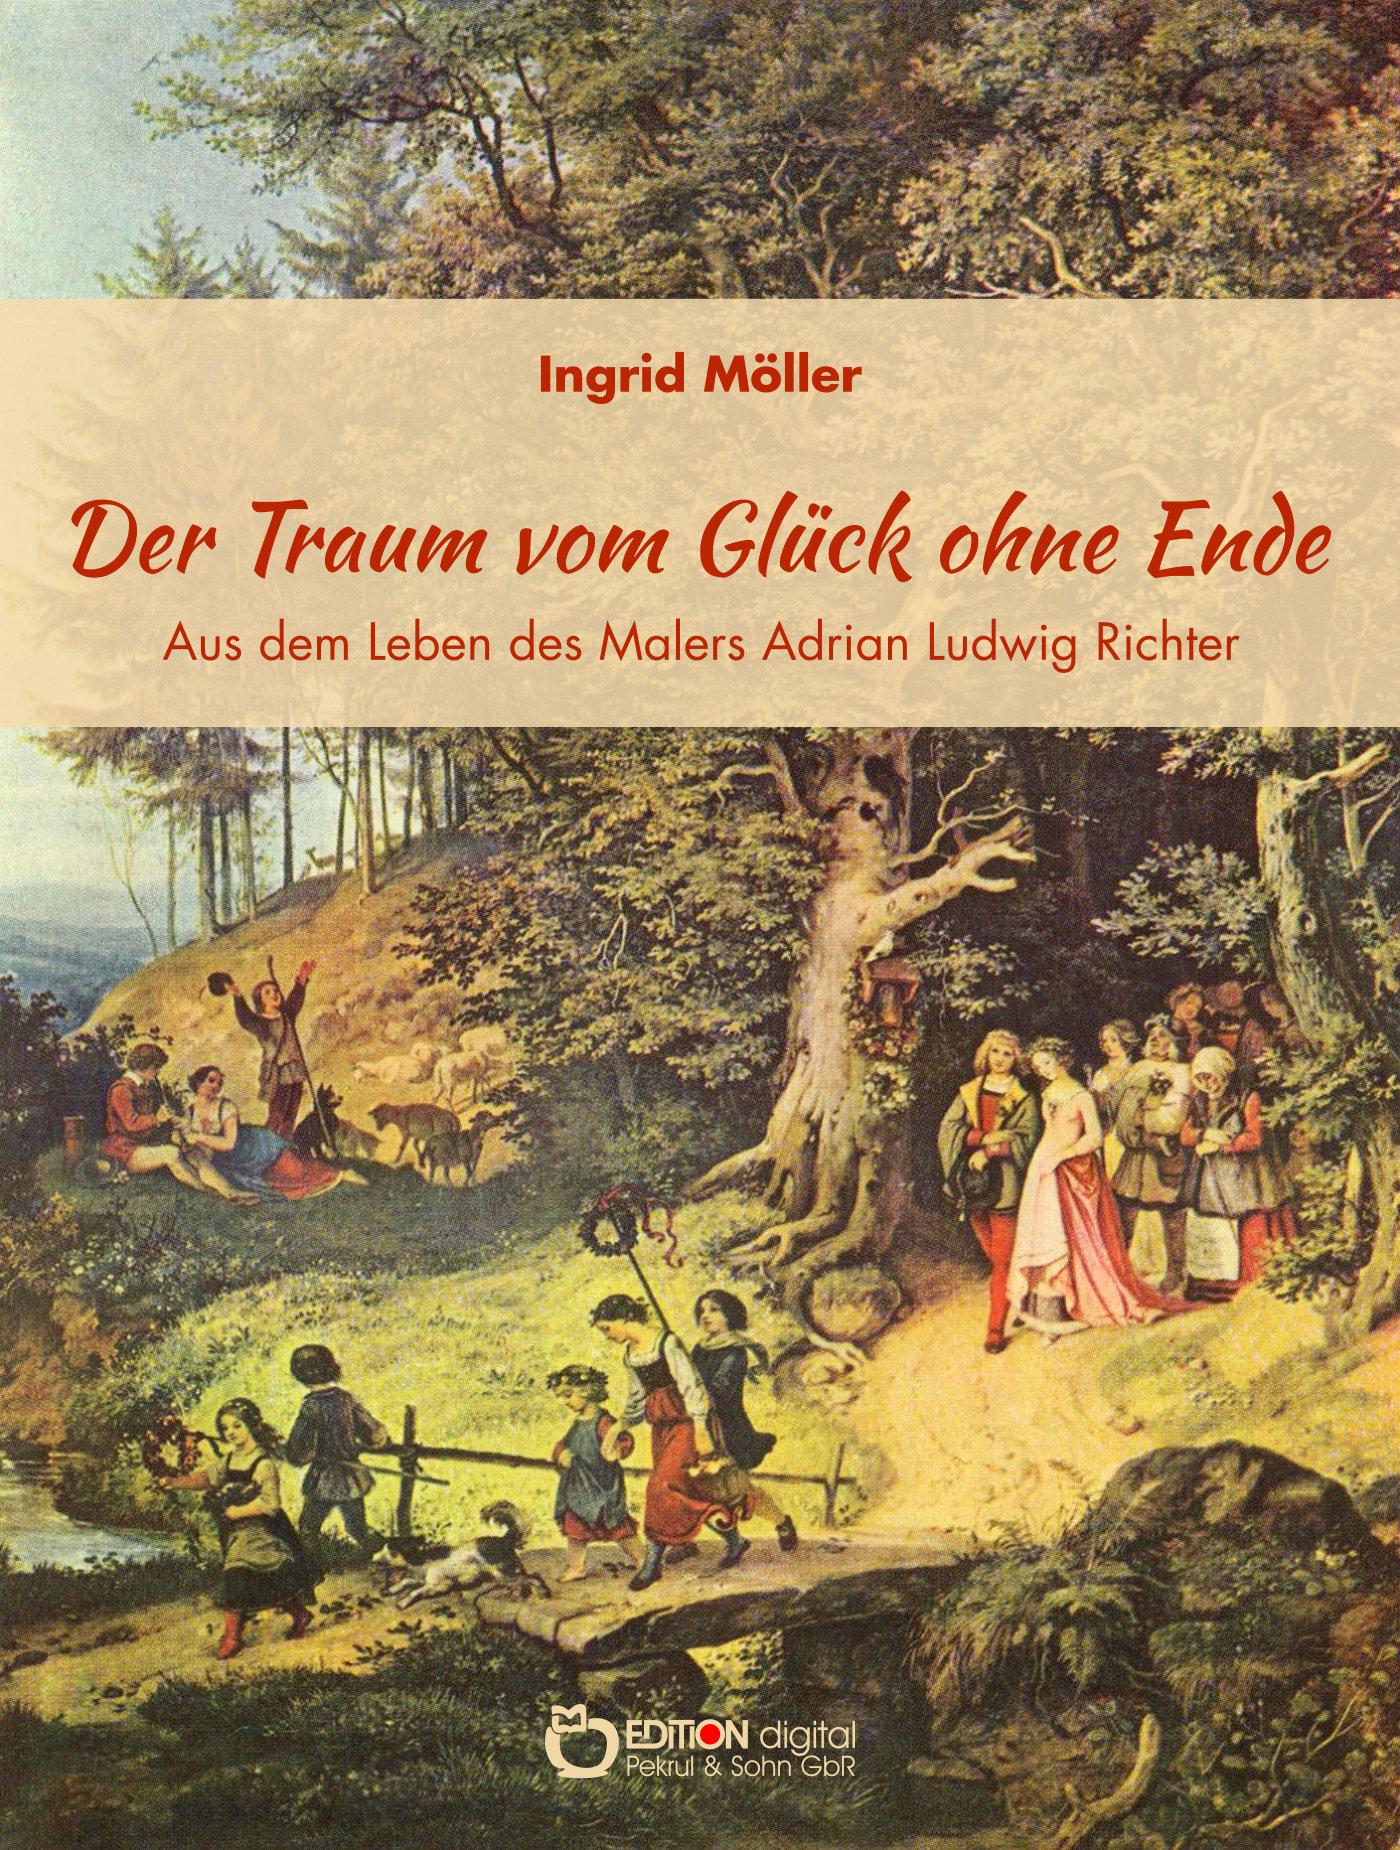 Der Traum vom Glück ohne Ende. Aus dem Leben des Malers Adrian Ludwig Richter von Ingrid Möller